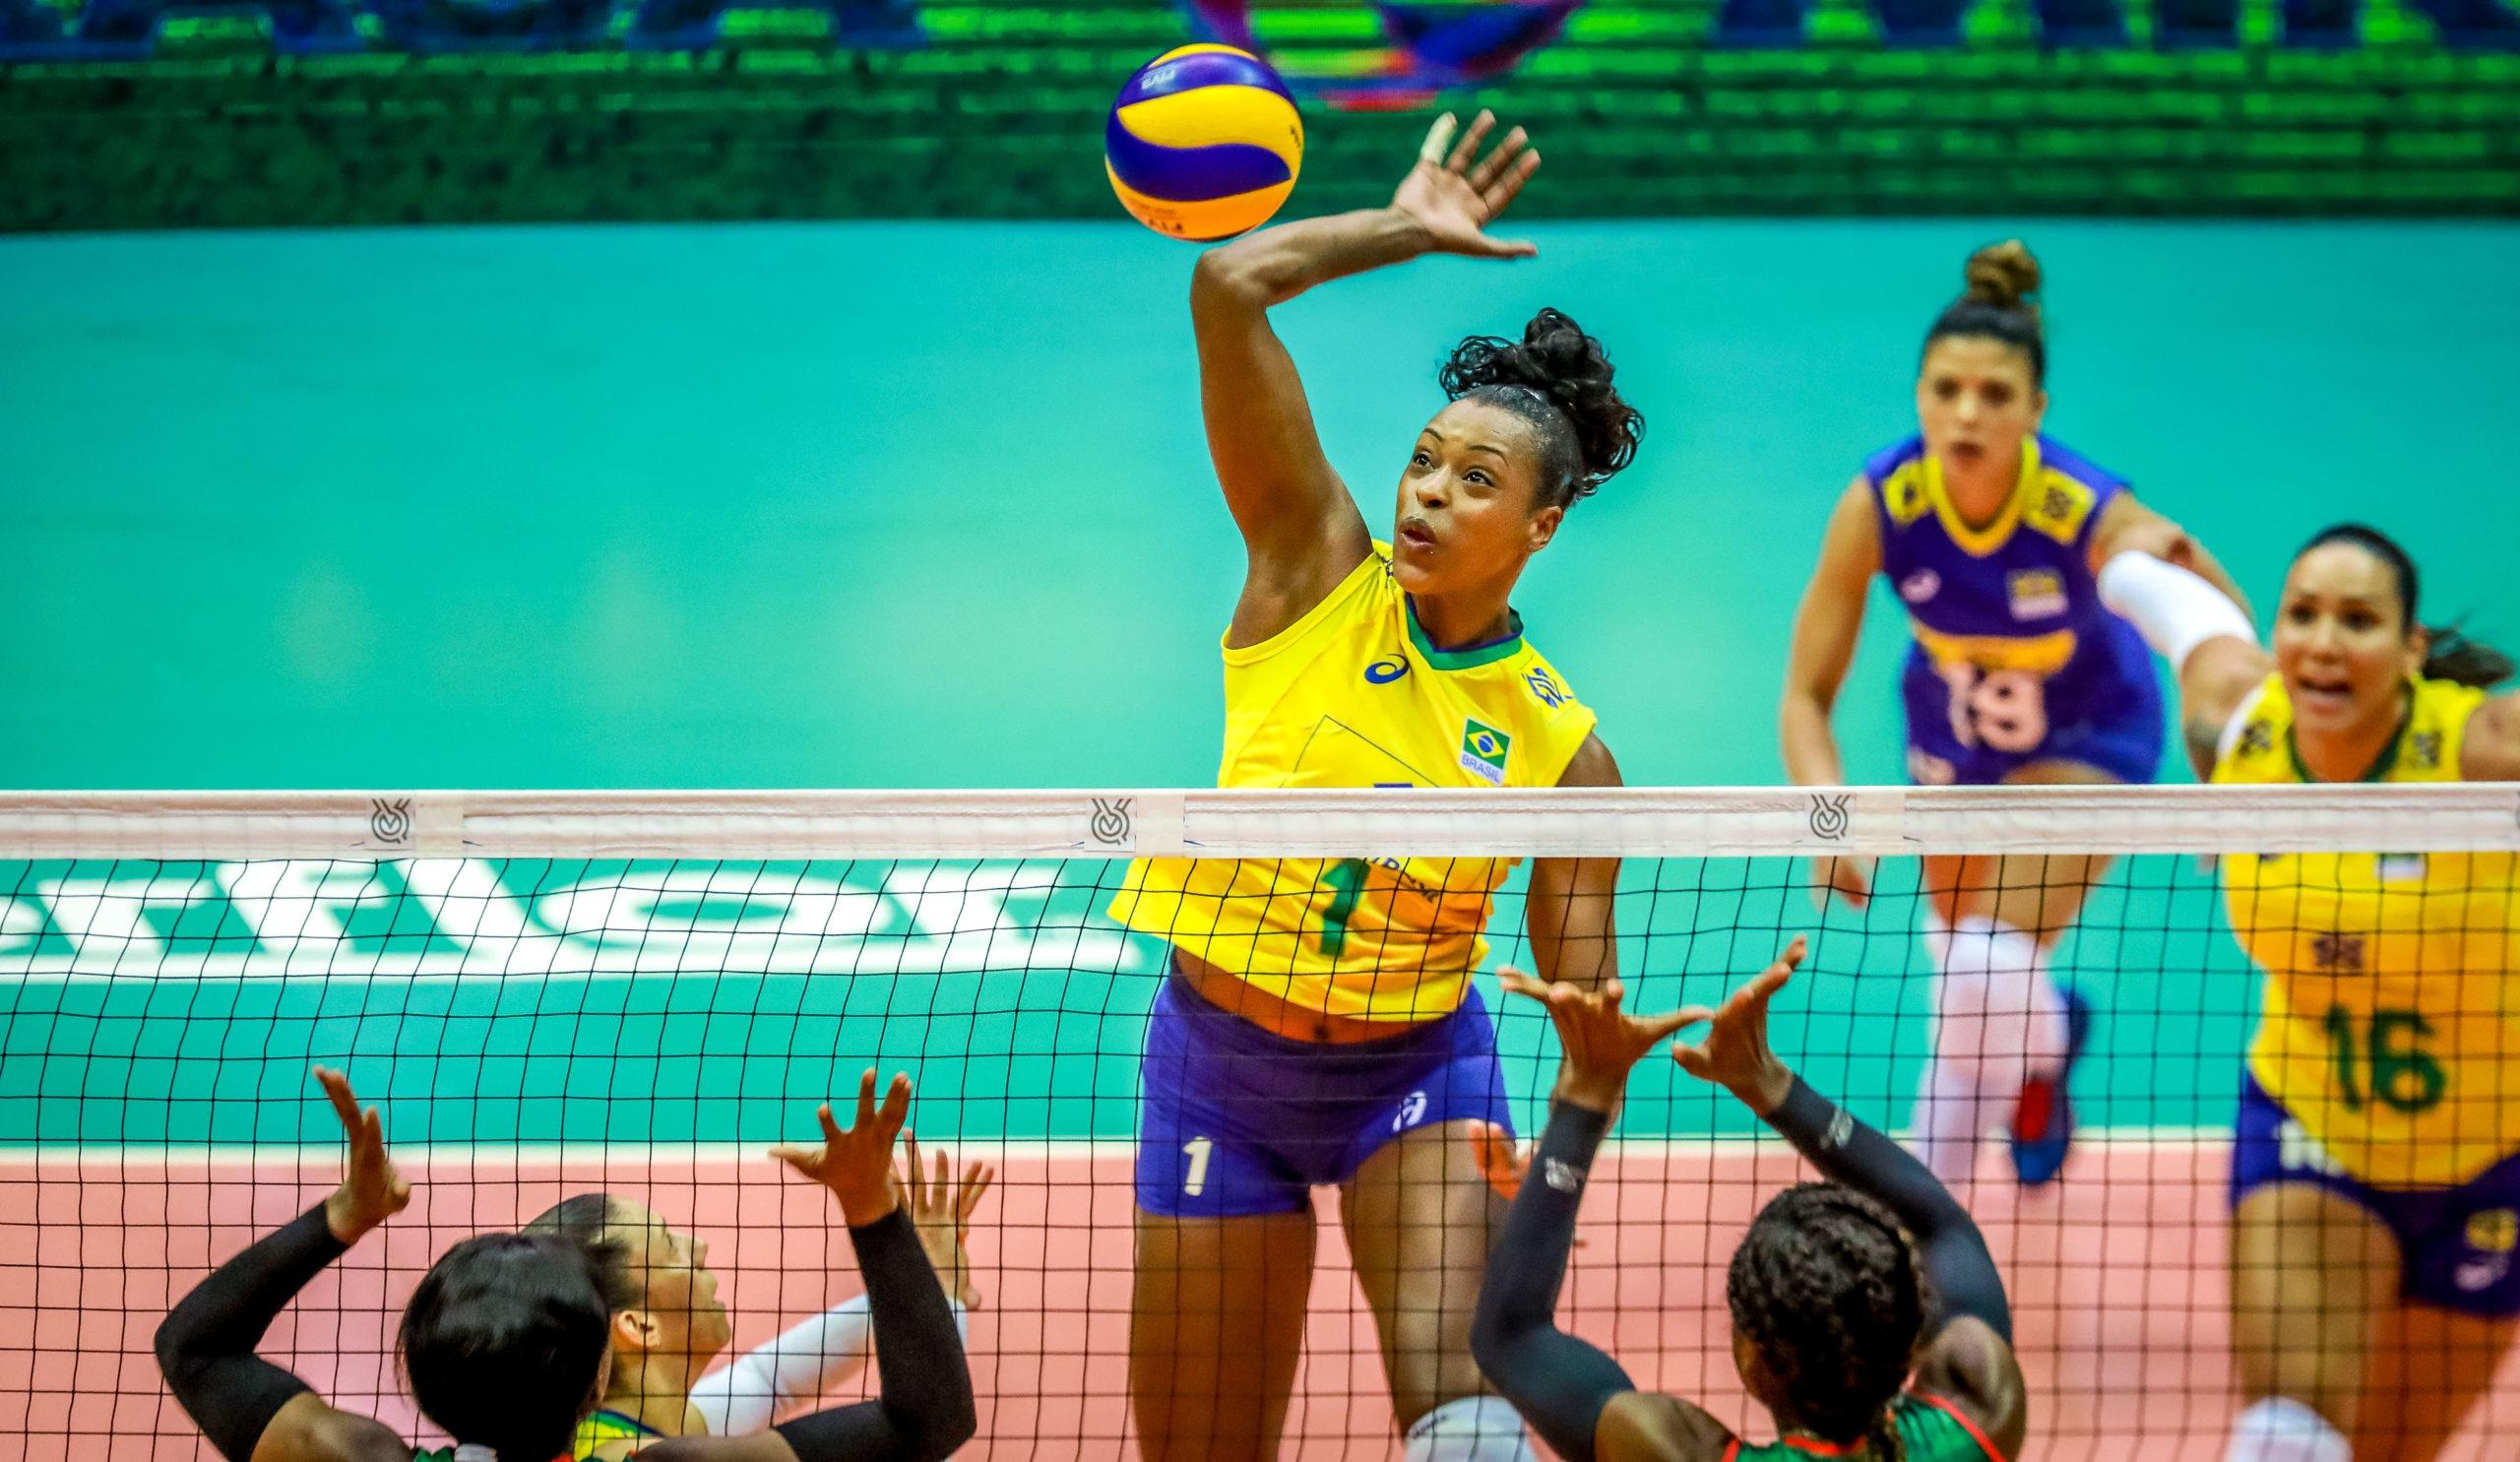 Brasil atropela Camarões e estreia com vitória no torneio pré-olímpico de vôlei